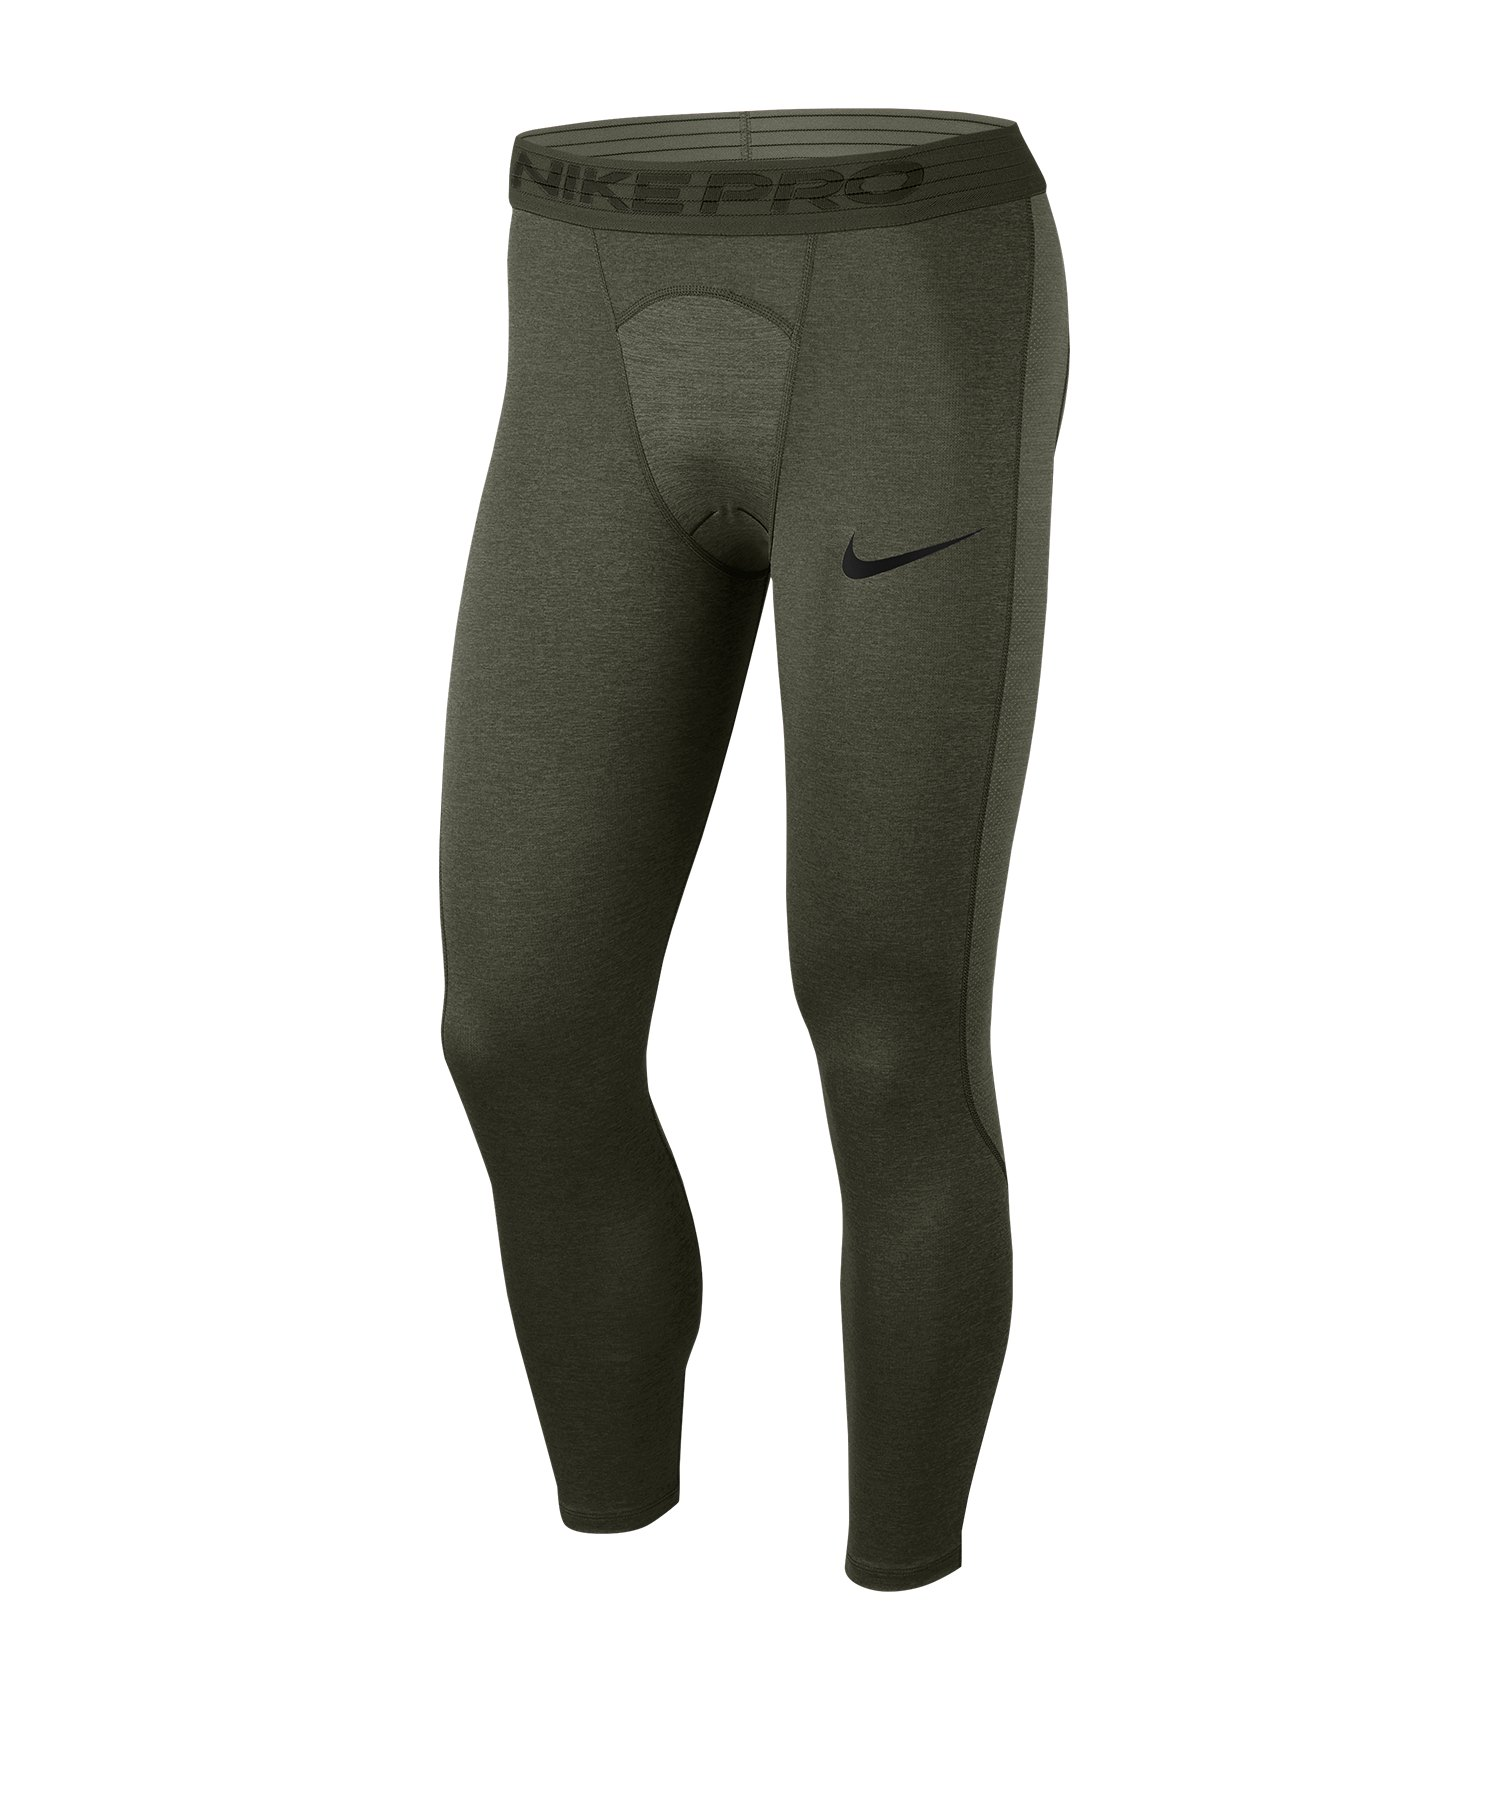 Nike Pro 3/4 Tights Grün F325 - gruen